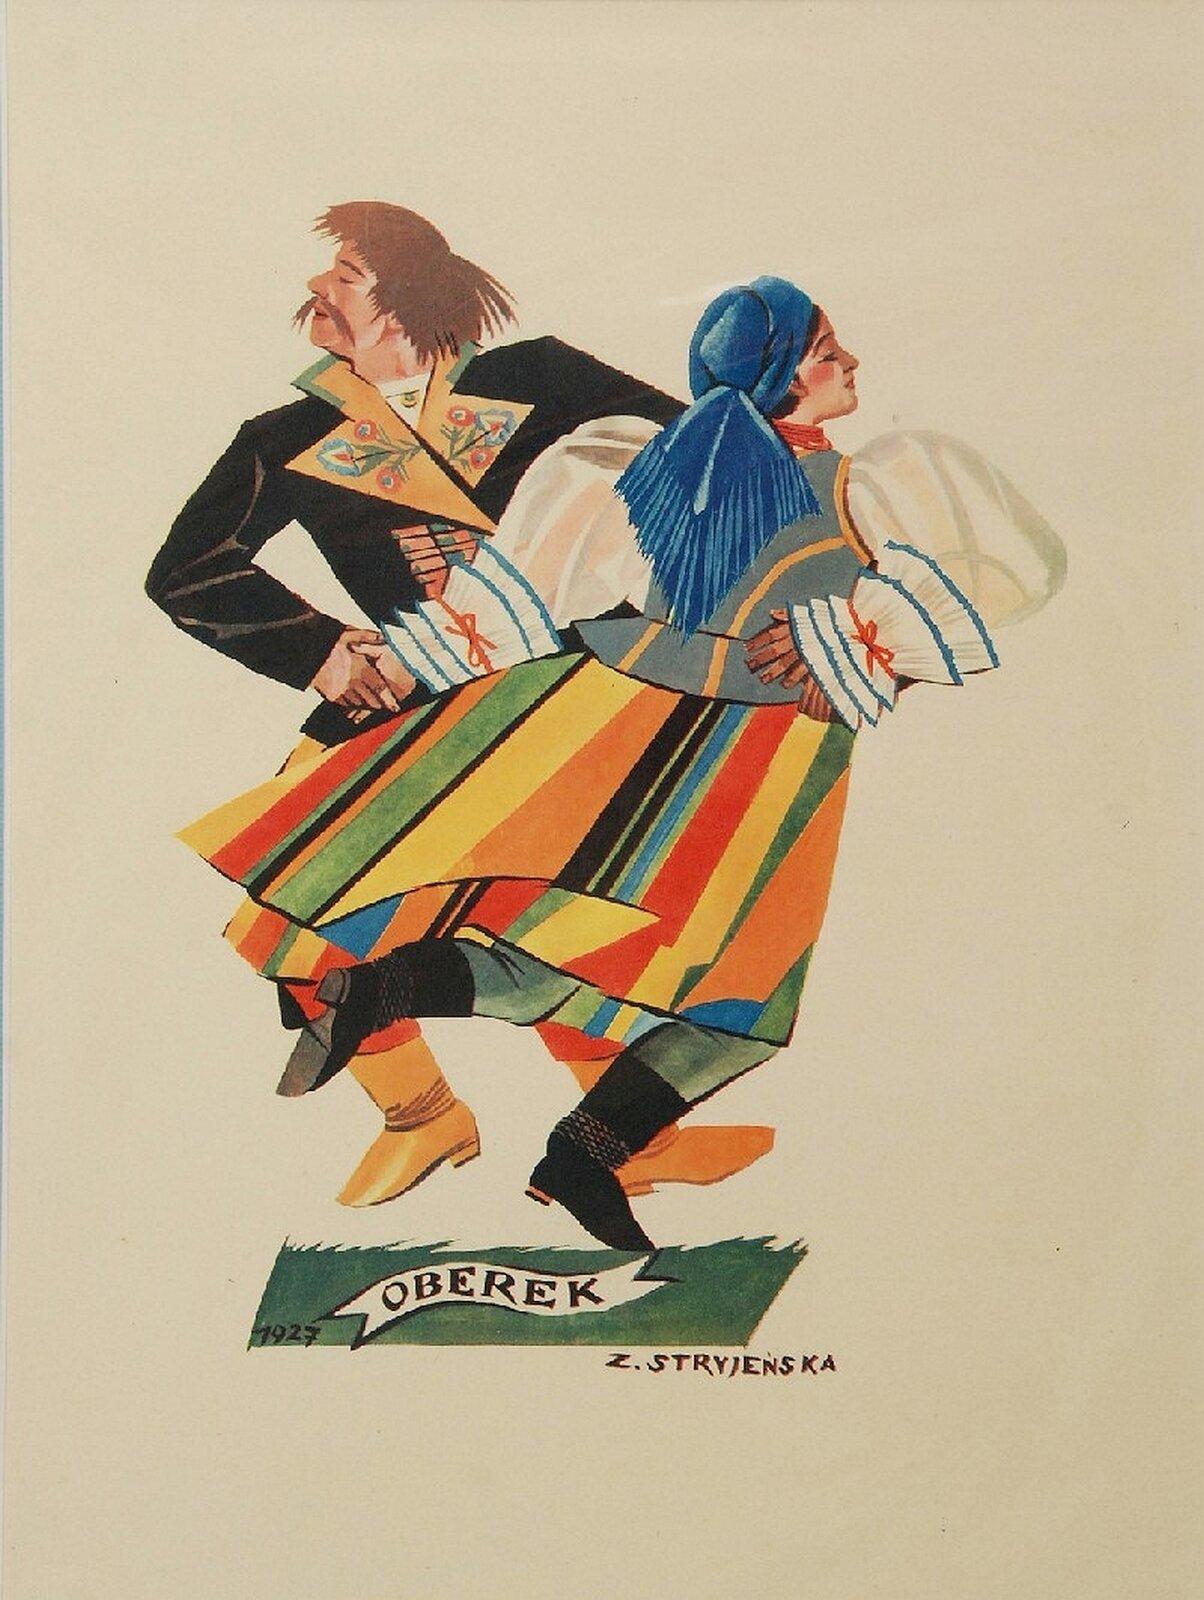 """Na ilustracji grafika Zofii Stryjeńskiej """"Oberek"""". Para przedstawiona podczas obrotu. Partnerka ma wystawioną do tyłu prawą nogę. Mężczyzna ubrany jest wczarny płaszcz zbogato zdobionym kołnierzem. Partnerka ma pasiastą, bardzo kolorową spódnicę, białą koszulę zniebieskimi lamówkami iszaro-błękitny gorsecik. Tancerka na głowie ma niebieską chustkę."""